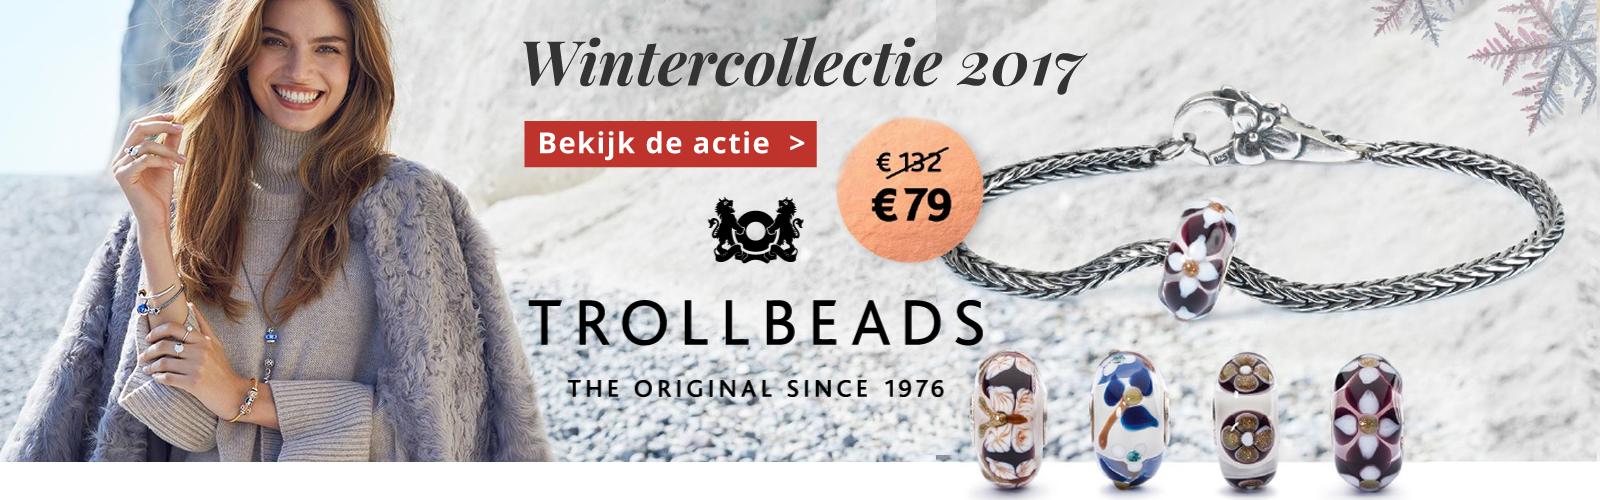 trollbeads-header-winter-2017